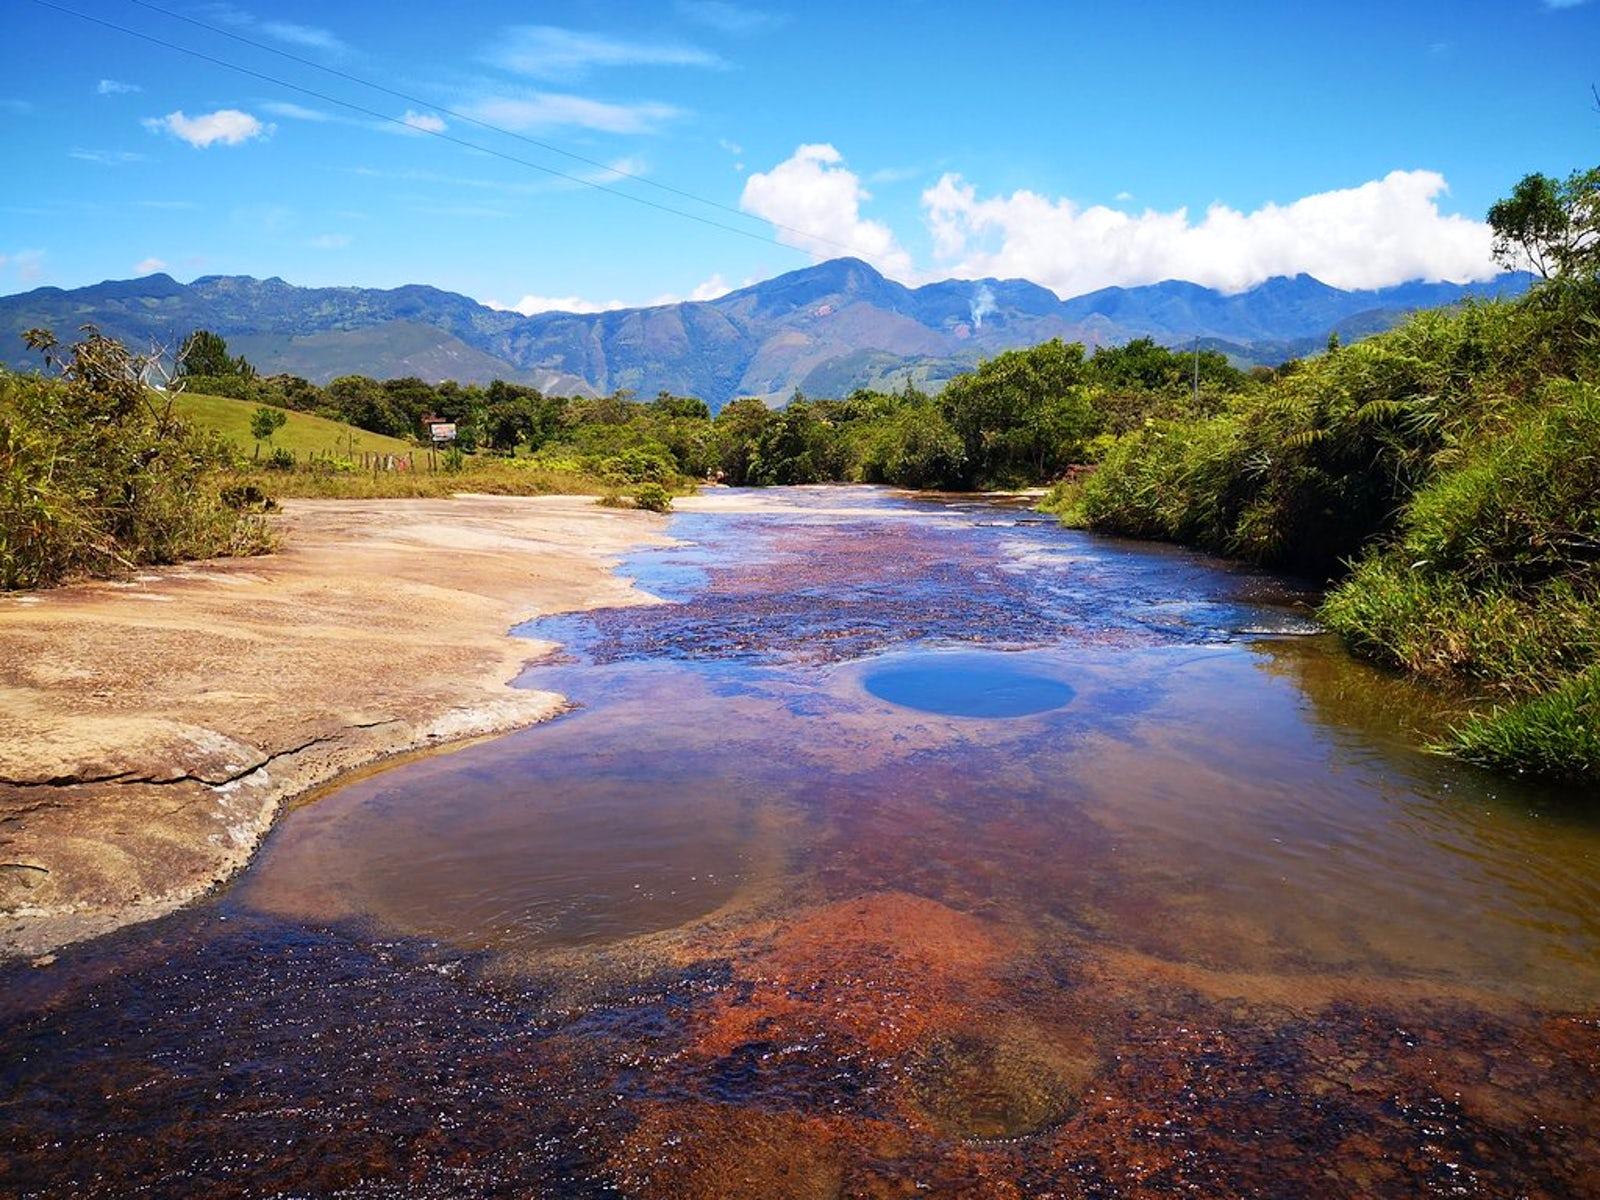 Sitios turísticos de Santander. Foto: www.itinari.com